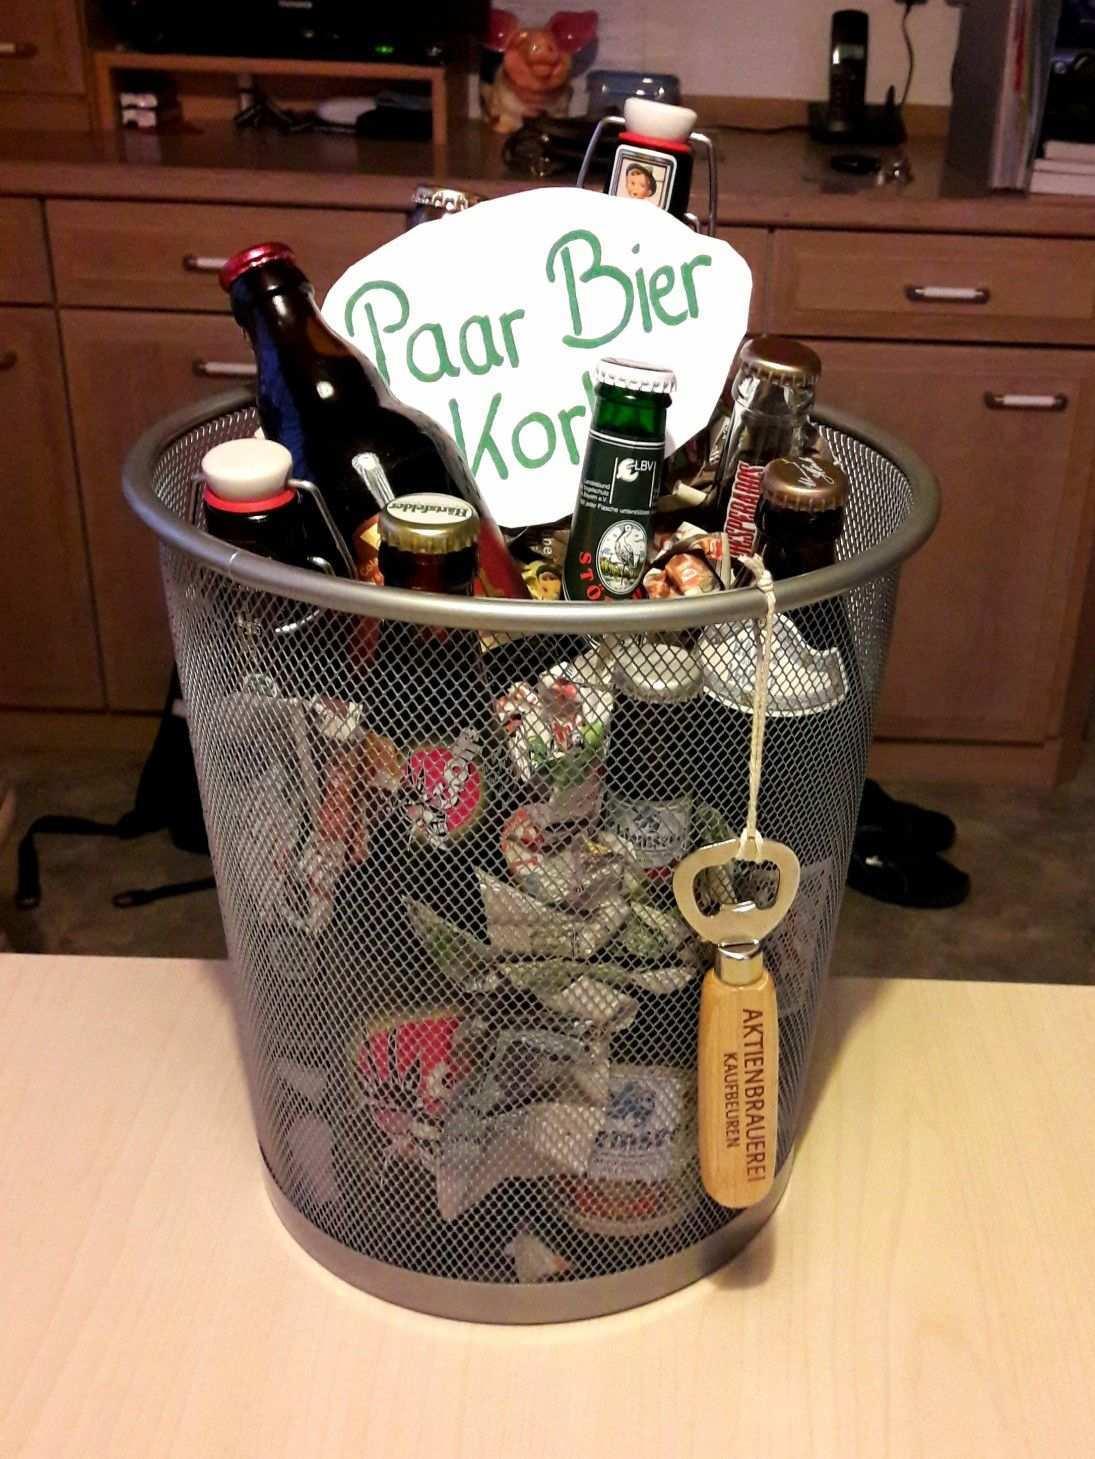 Uber Einen Paar Bier Korb Zum Geburtstag Freut Sich Jeder Mann Geburtstags Geschenk Mann Geschenke Zum Geburtstag Bierkorb